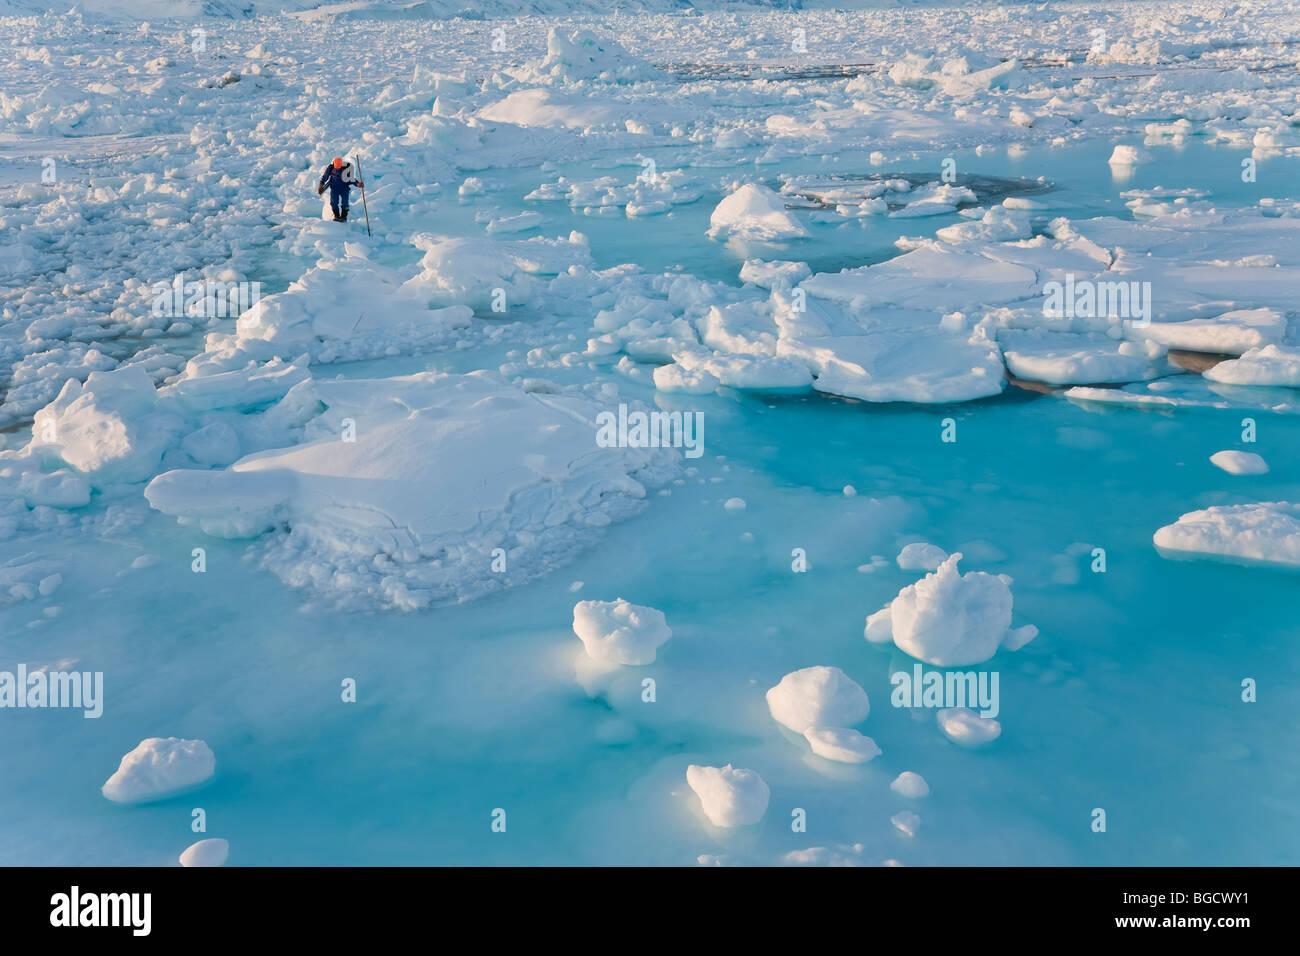 Cazador de focas en el mar de hielo, Tiniteqilaq, E. Groenlandia Imagen De Stock